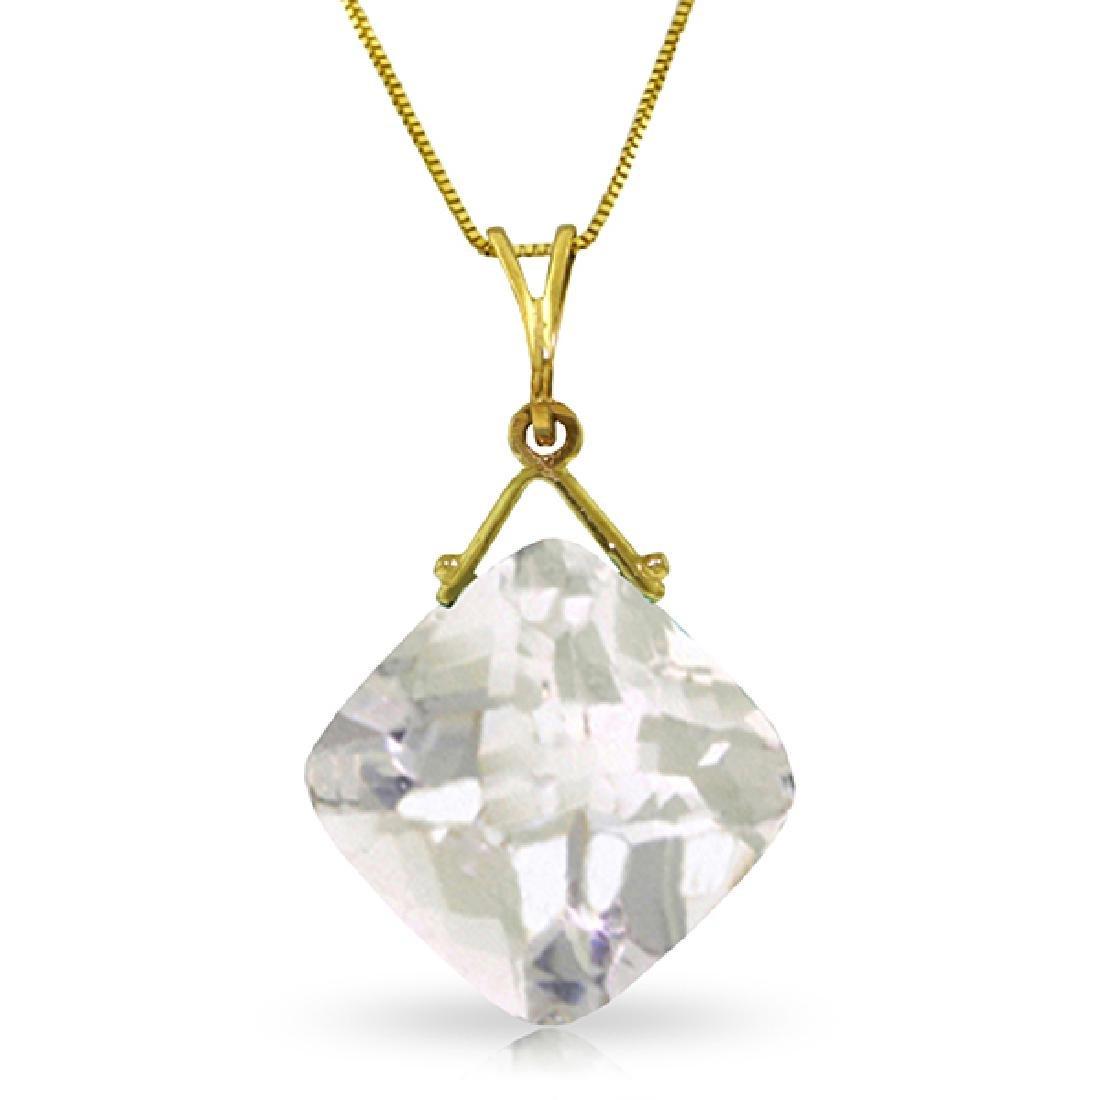 Genuine 8.75 ctw White Topaz Necklace Jewelry 14KT